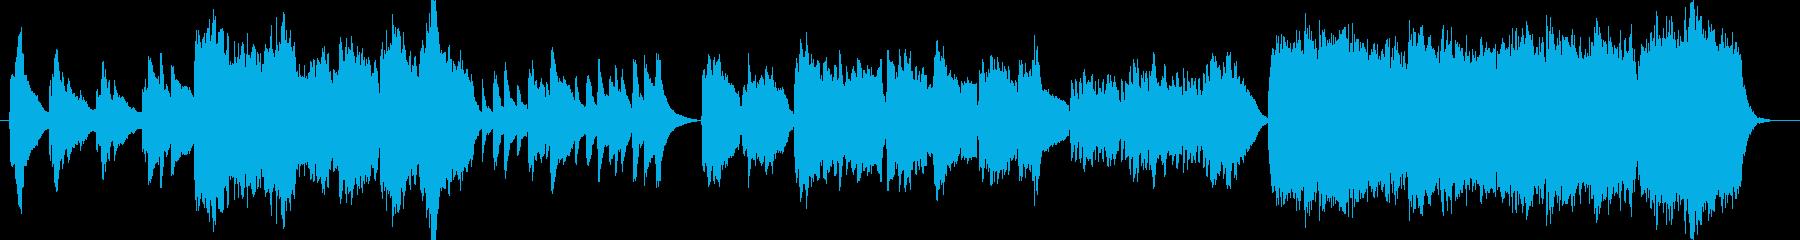 神秘的で高貴なコーラス曲の再生済みの波形